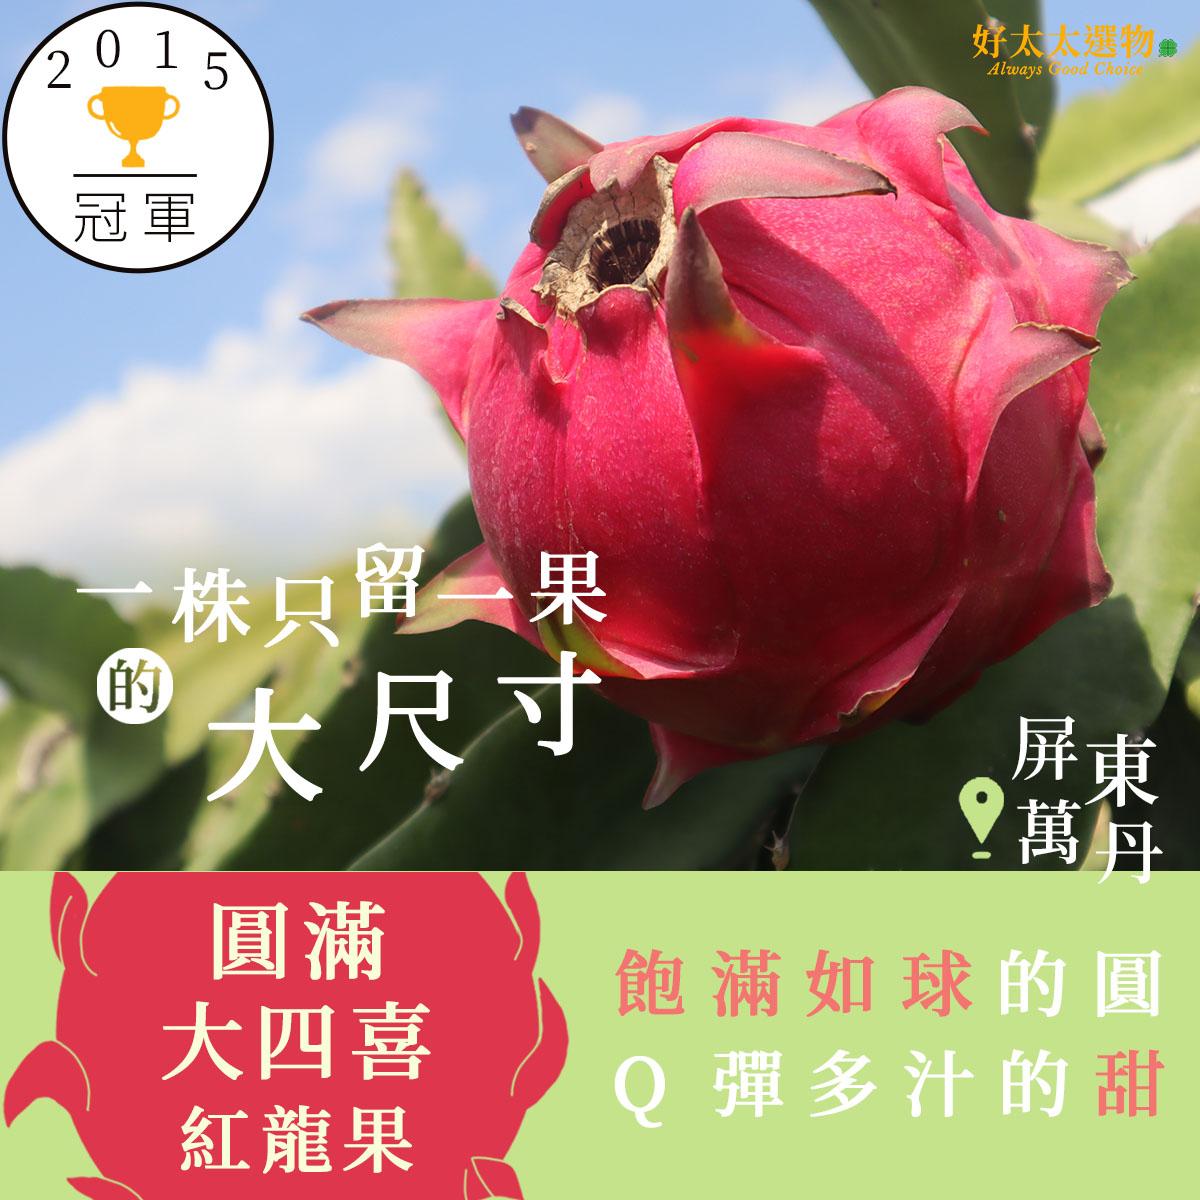 屏東萬丹全國冠軍大紅火龍果 一株留一果的大尺寸